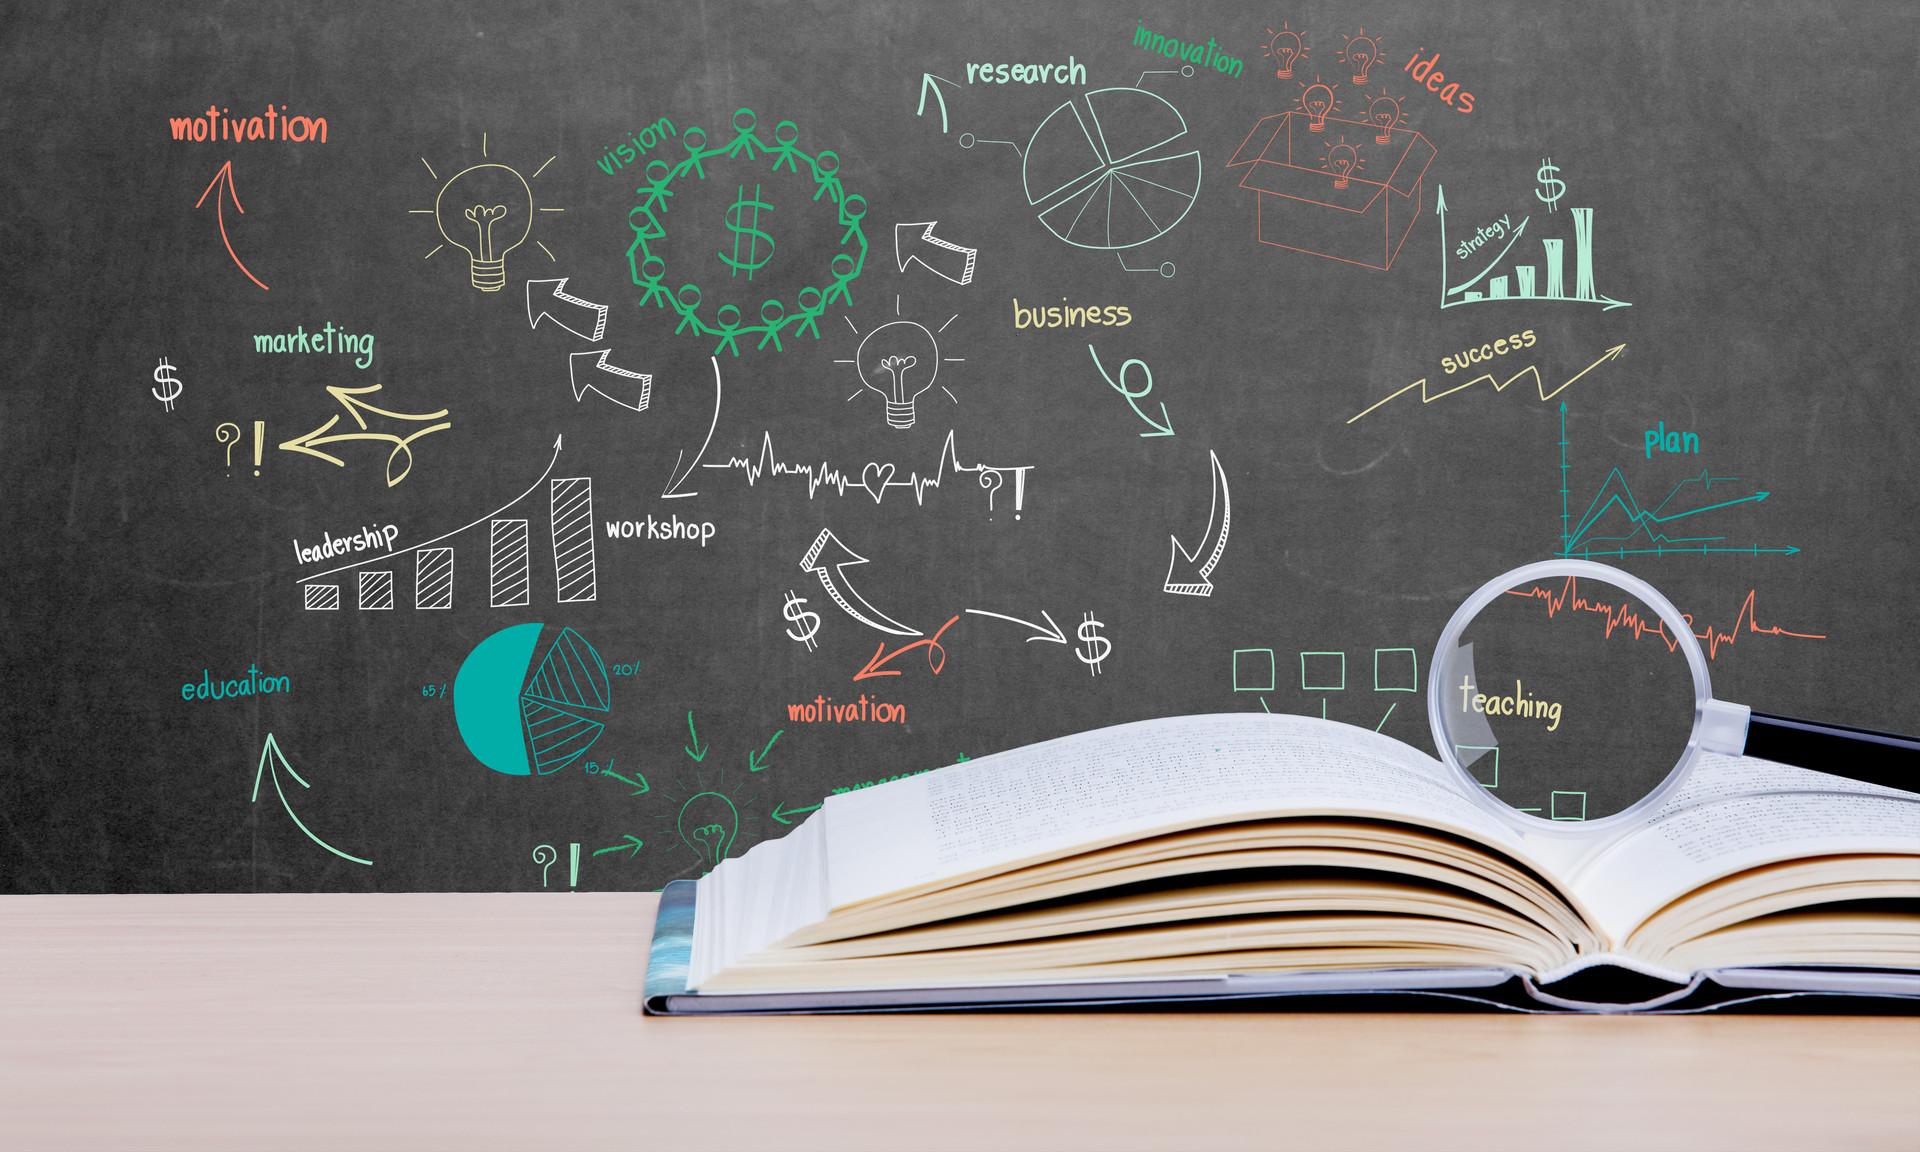 【产品周报】三节课完成1.3亿元融资;自然教育的商业化之路好走吗?